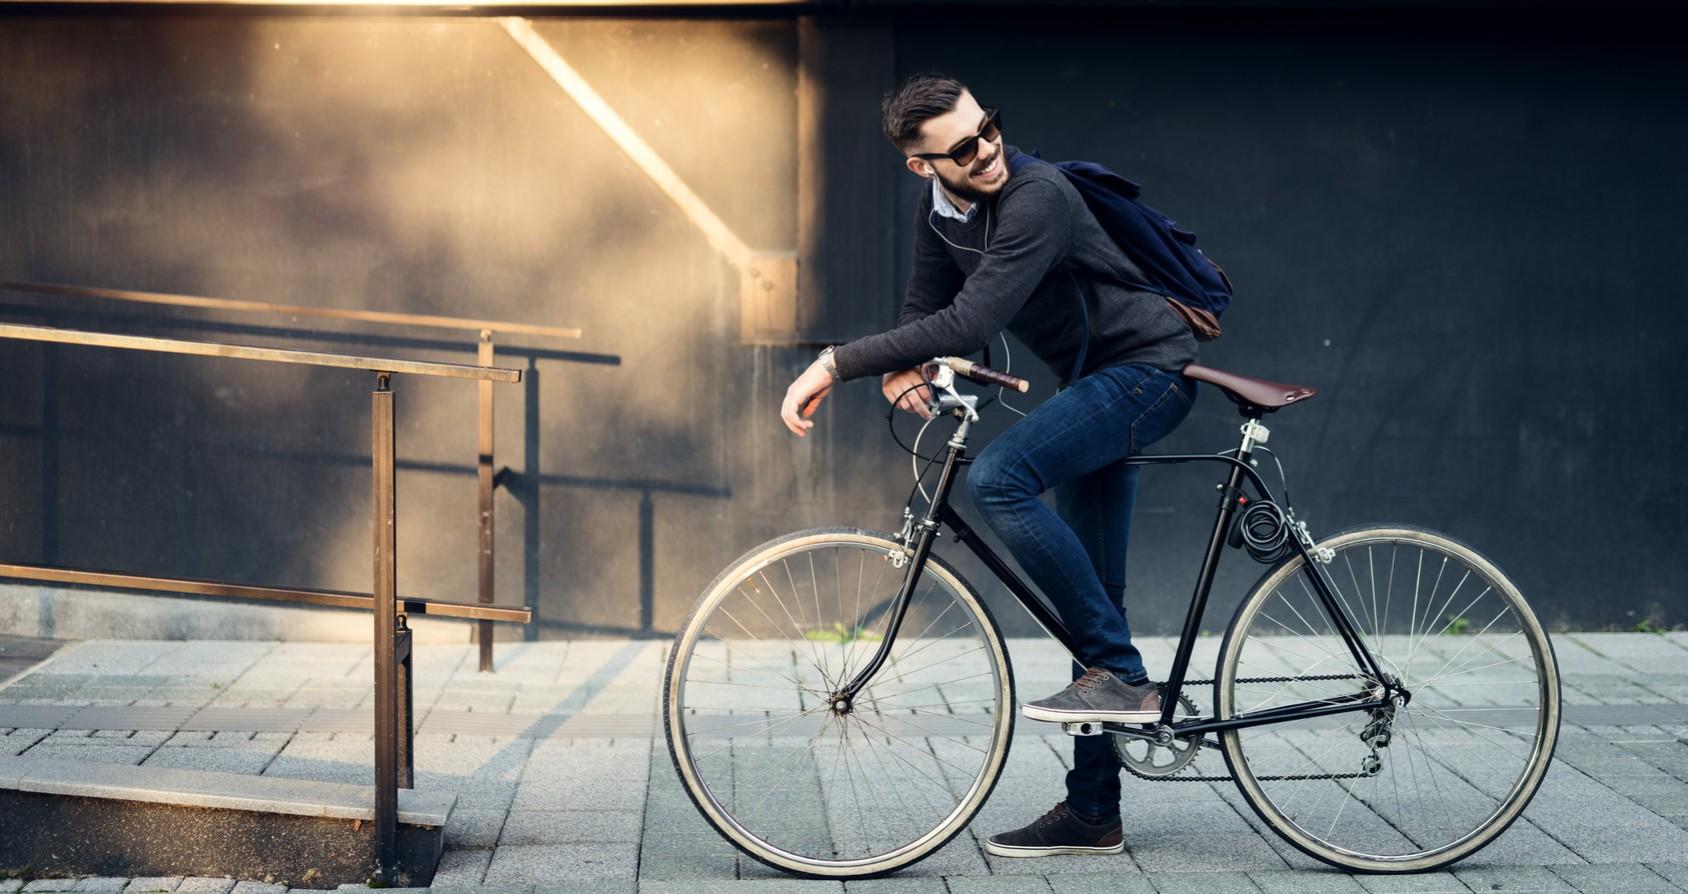 Reifen aufgepumpt und Helm zurechtgerückt - mit dem Rad zur Arbeit